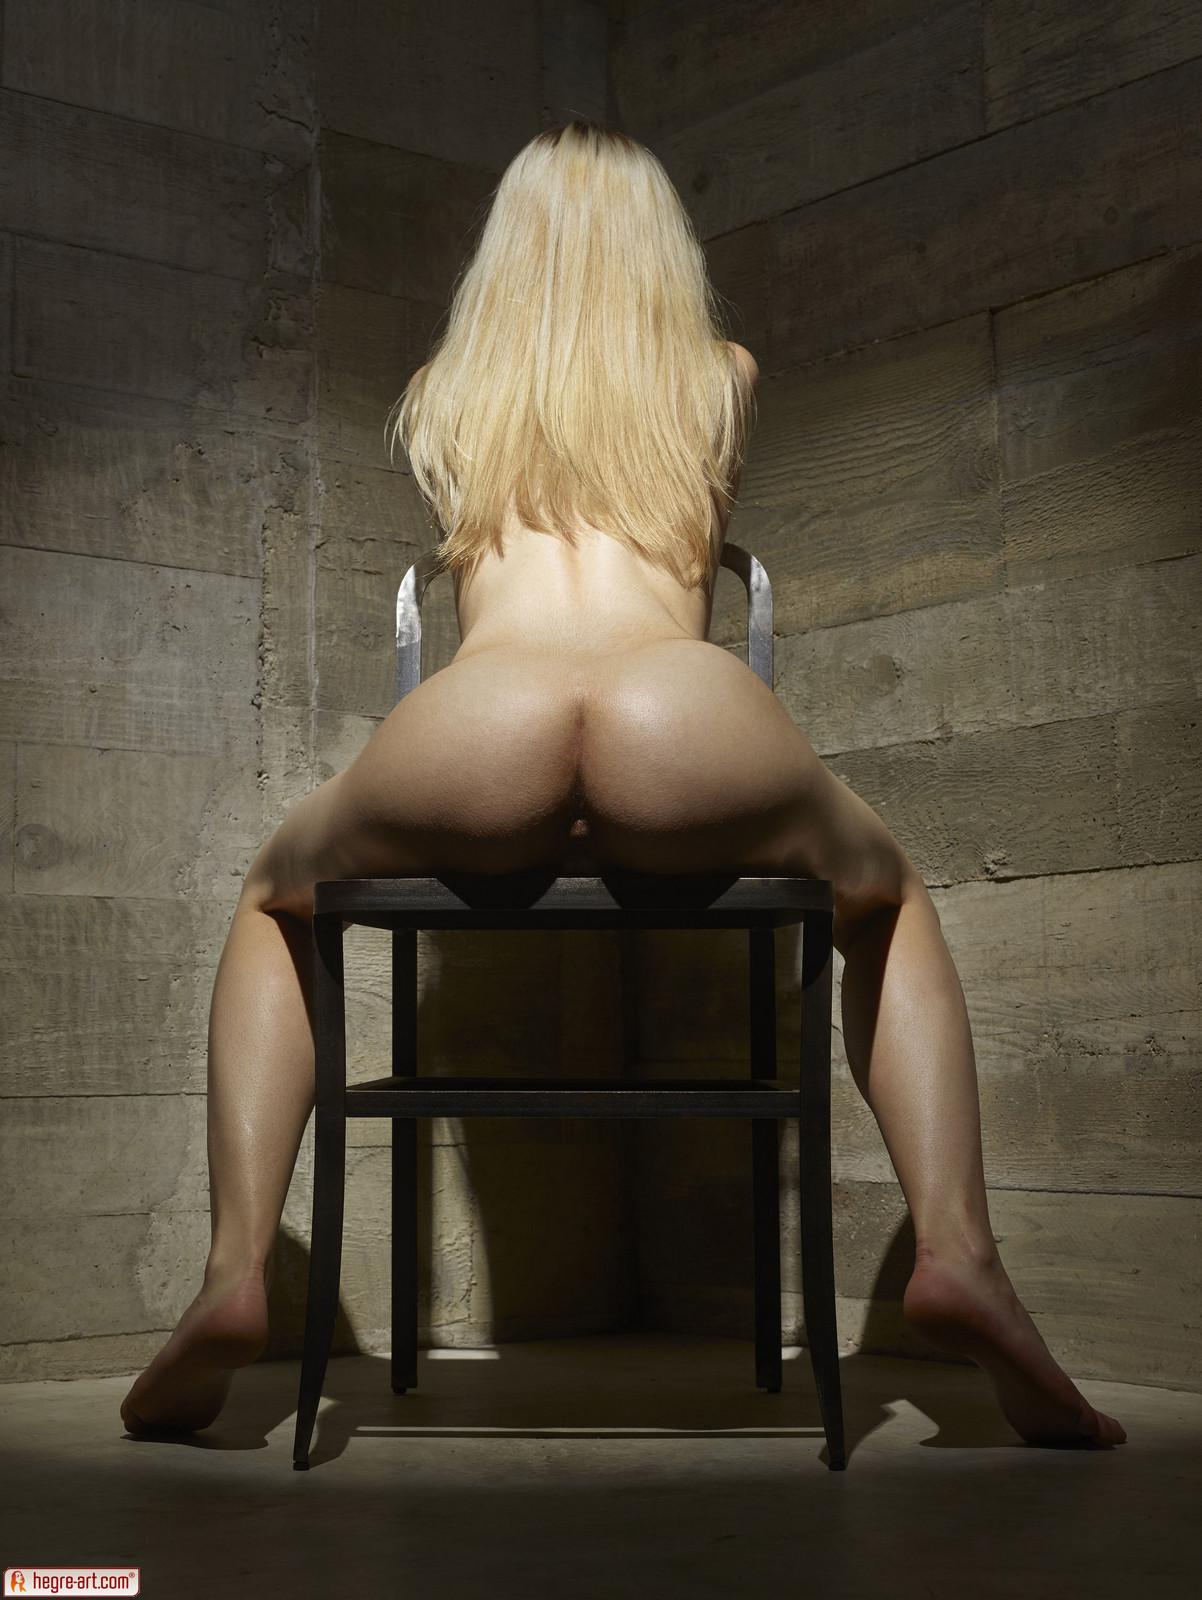 Zdjęcie porno - 1122 - Modelka na drewnianym krześle